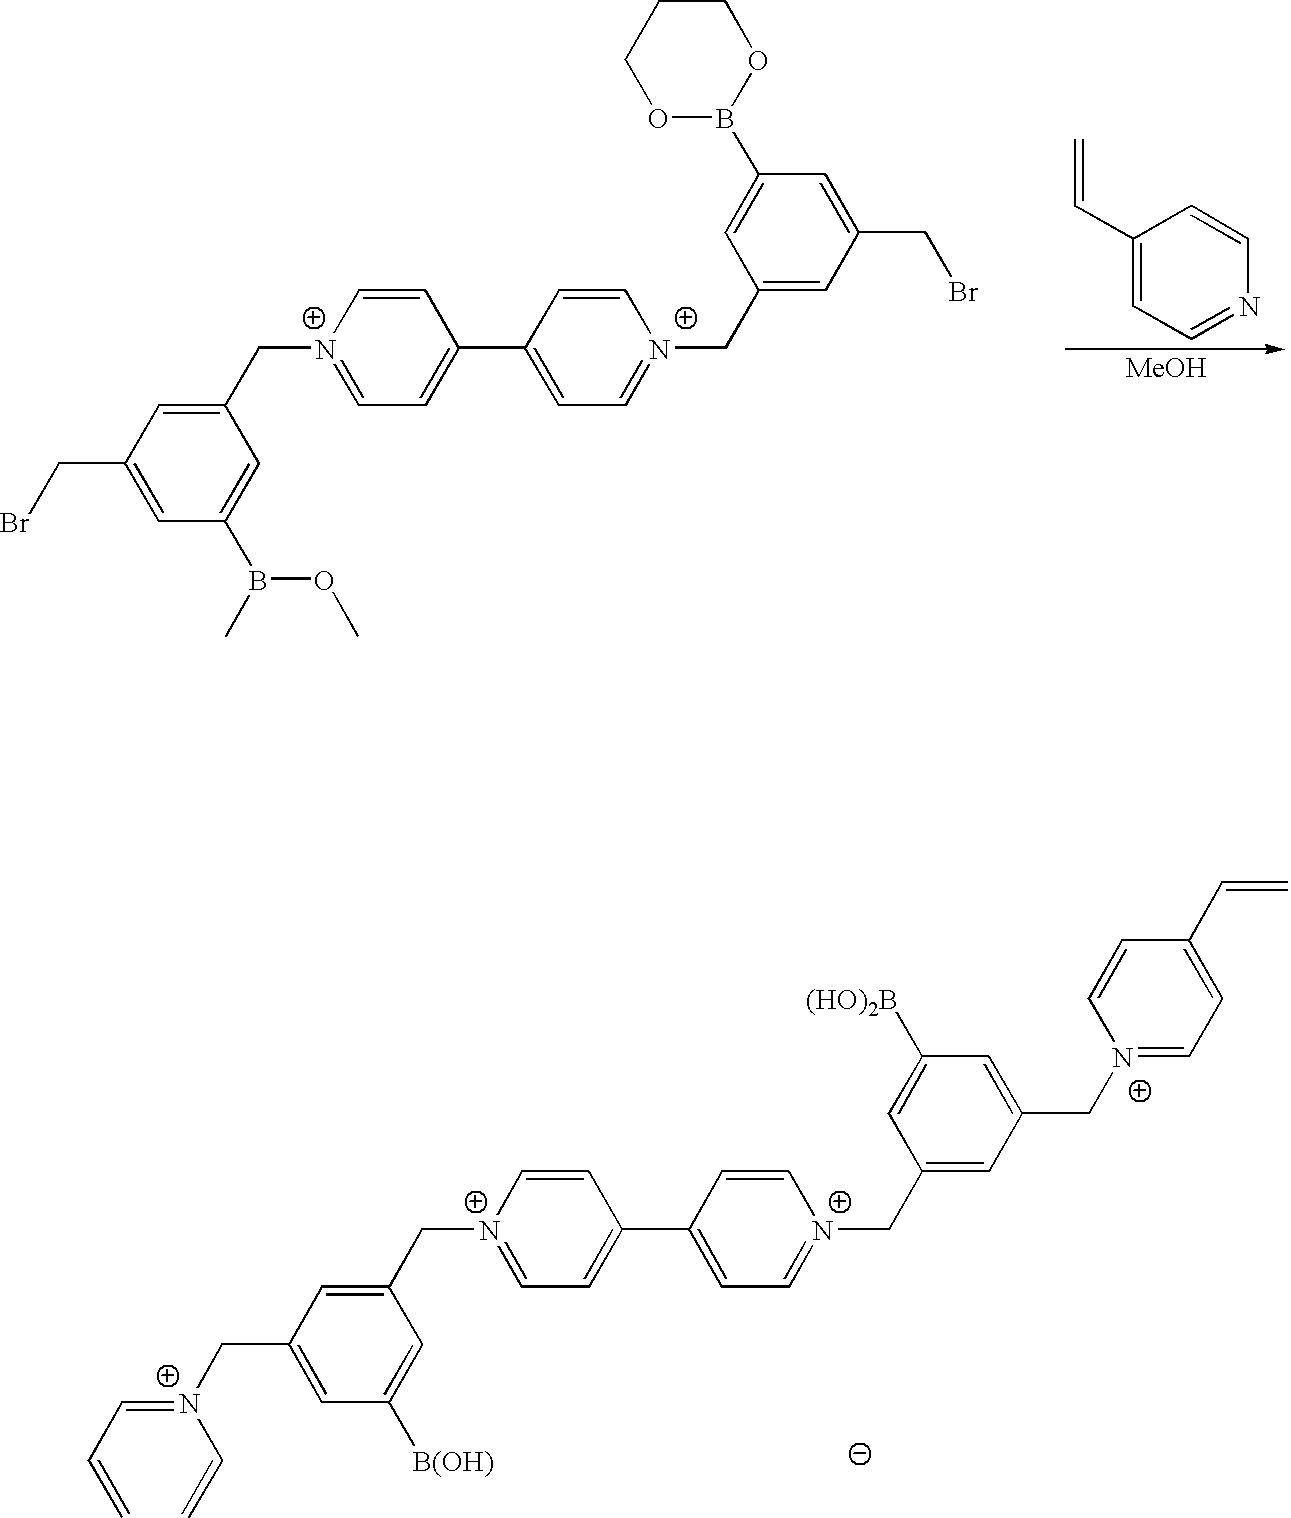 Figure US20060083688A1-20060420-C00027